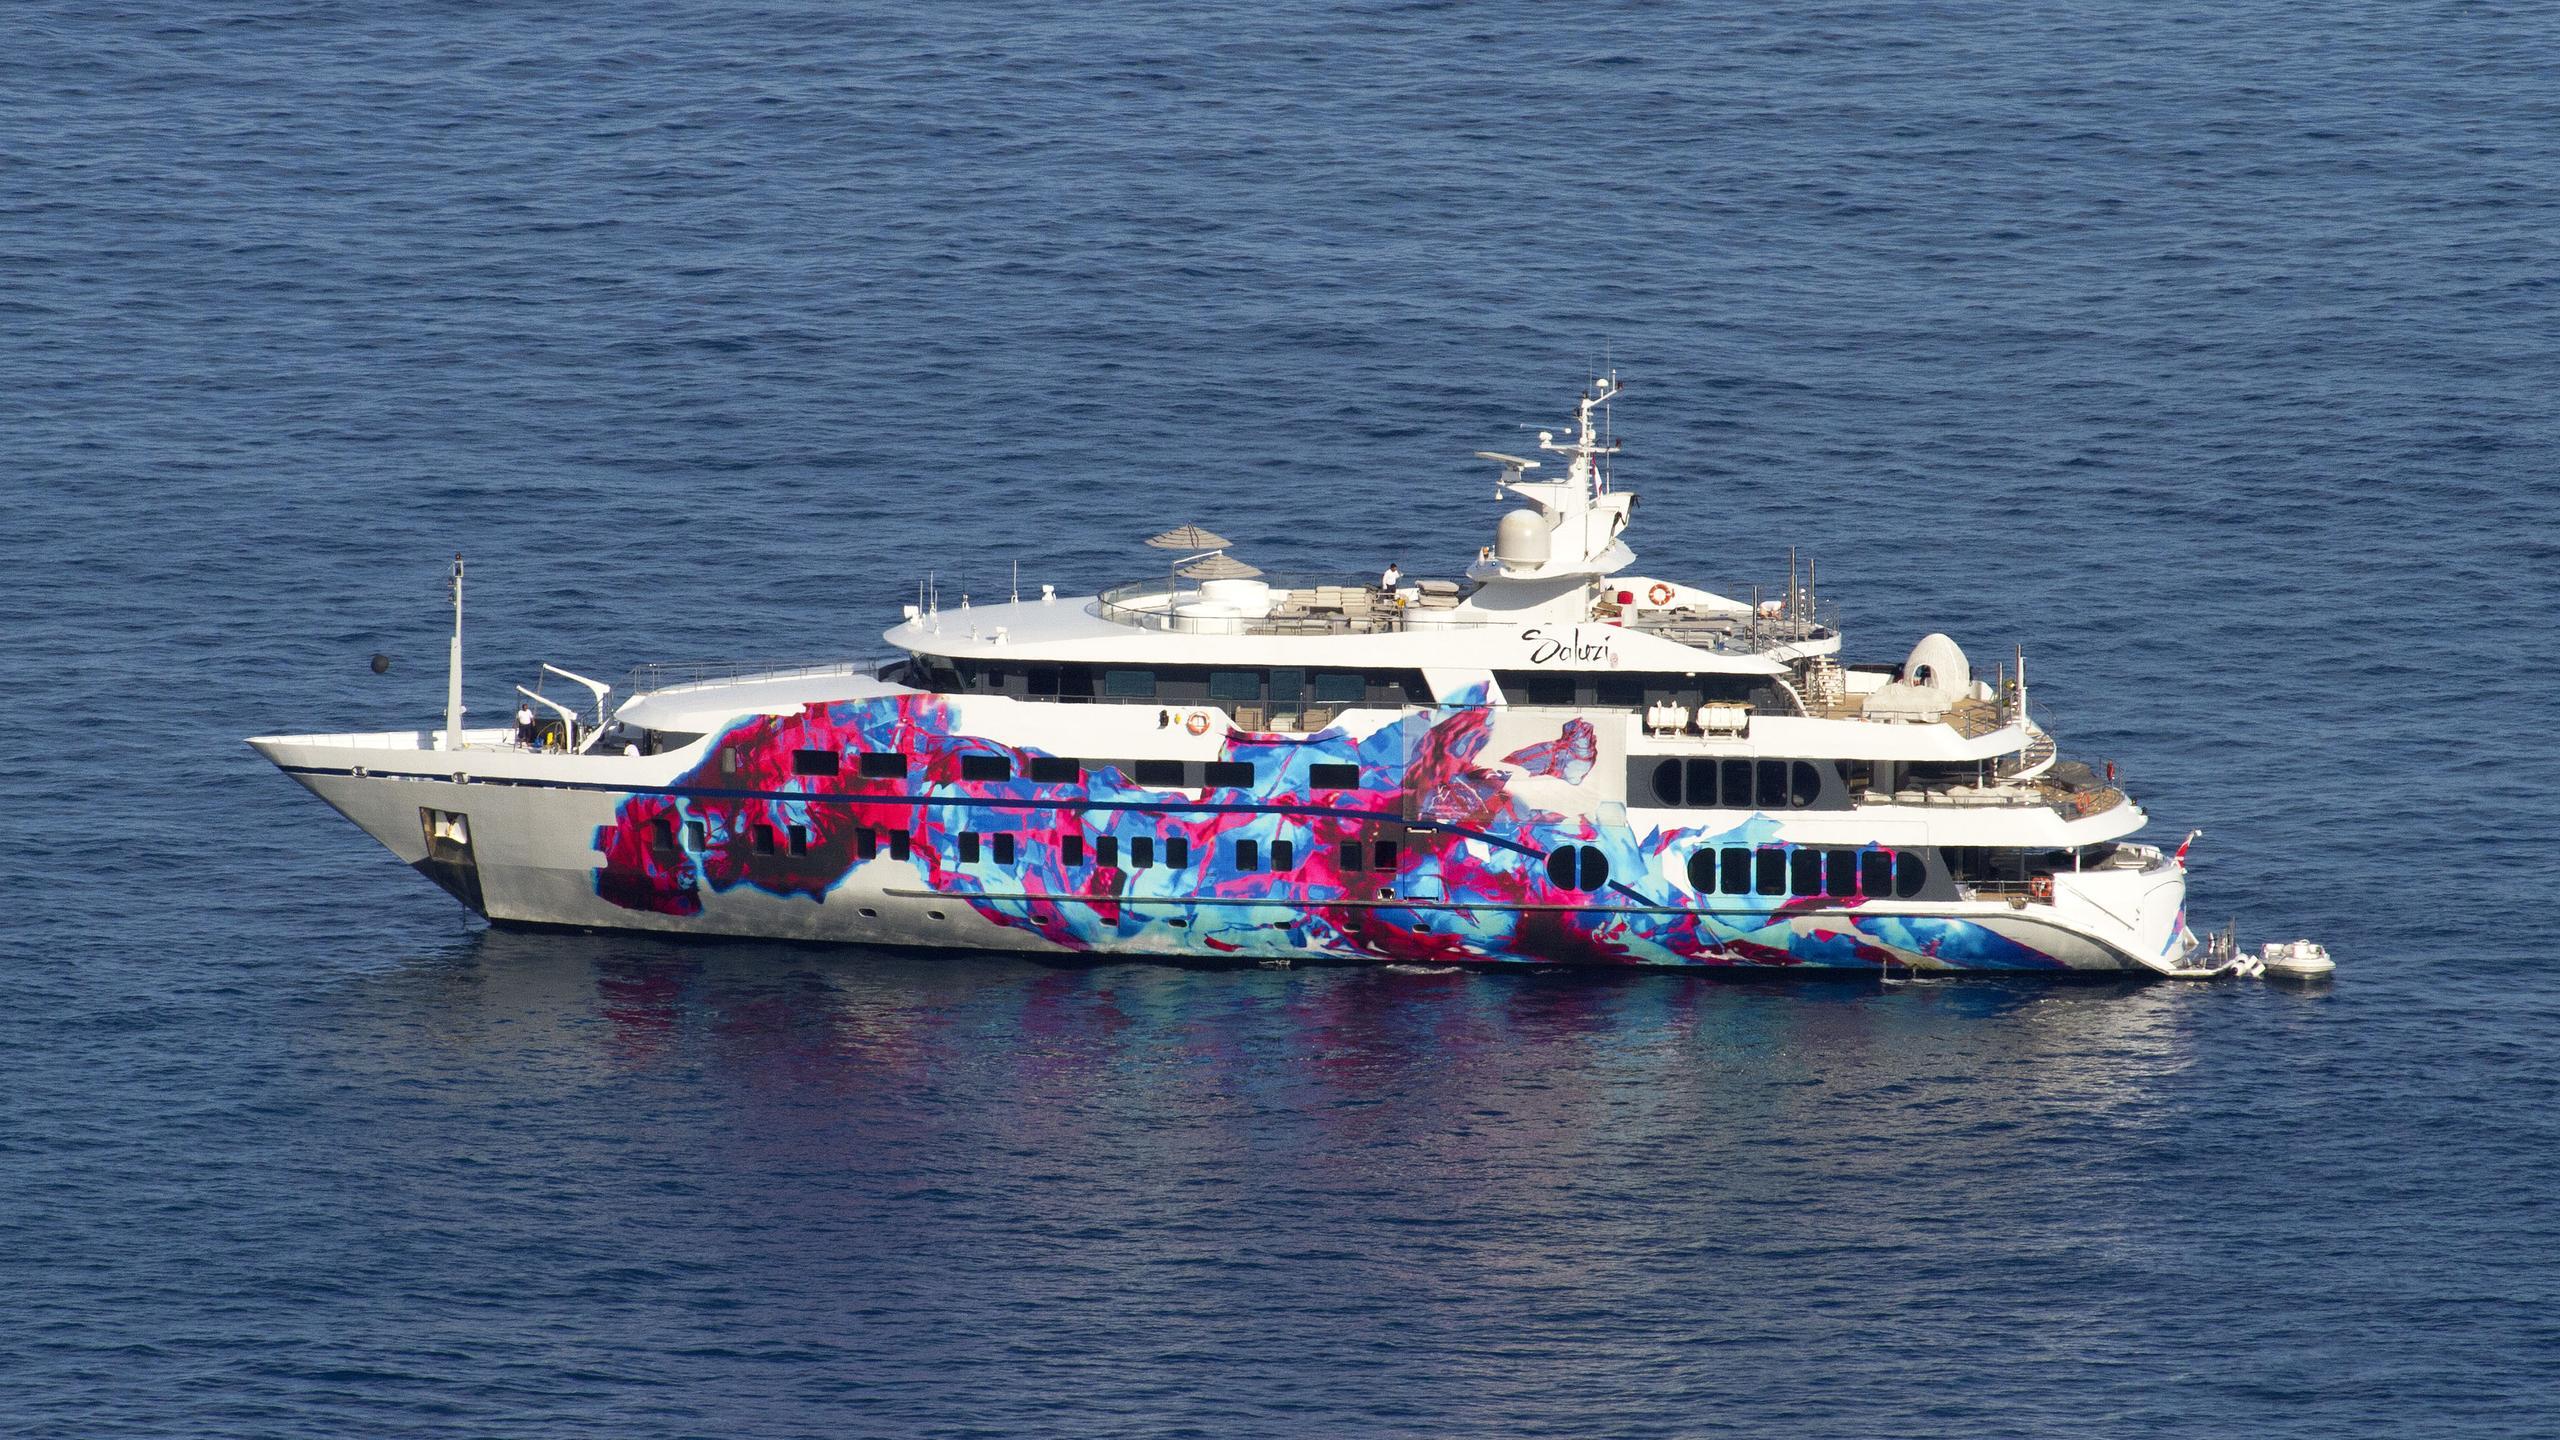 saluzi-motoryacht-2003-69m-profile